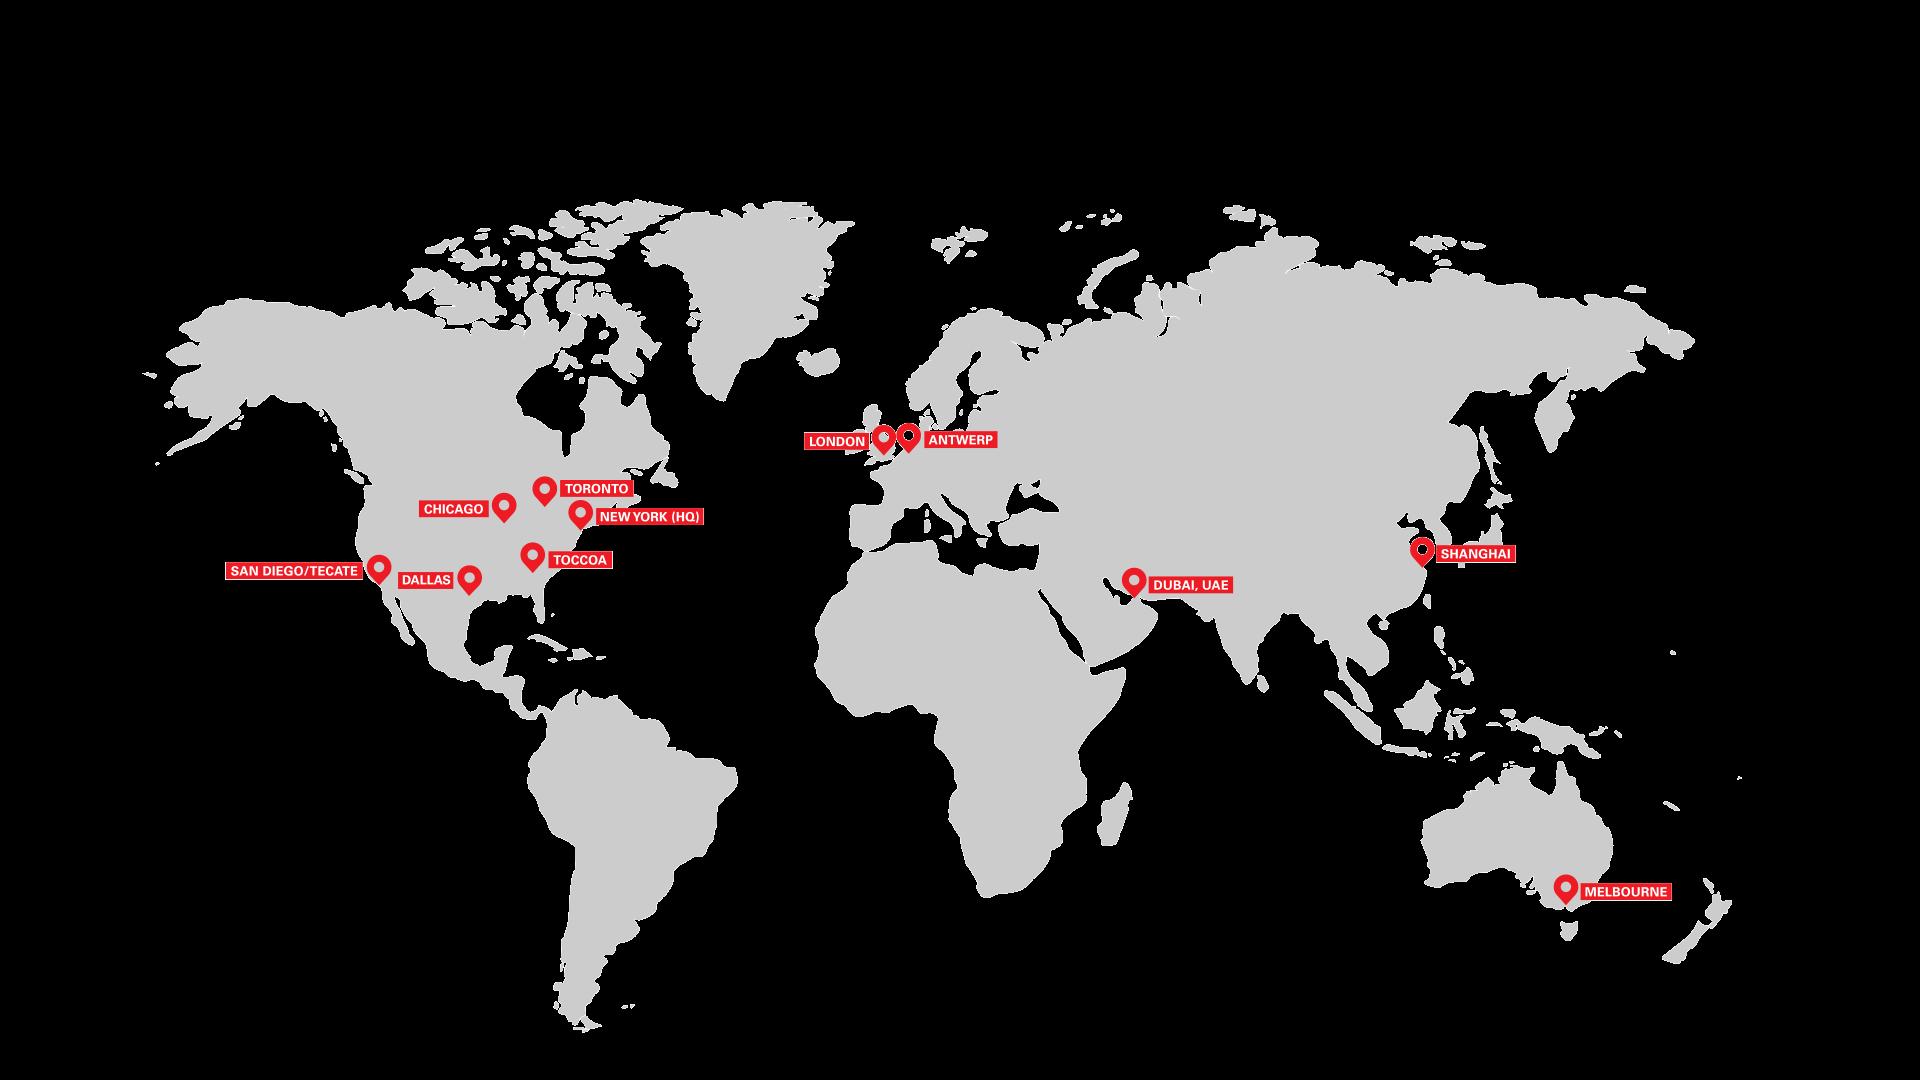 Asi Global Footprint Map